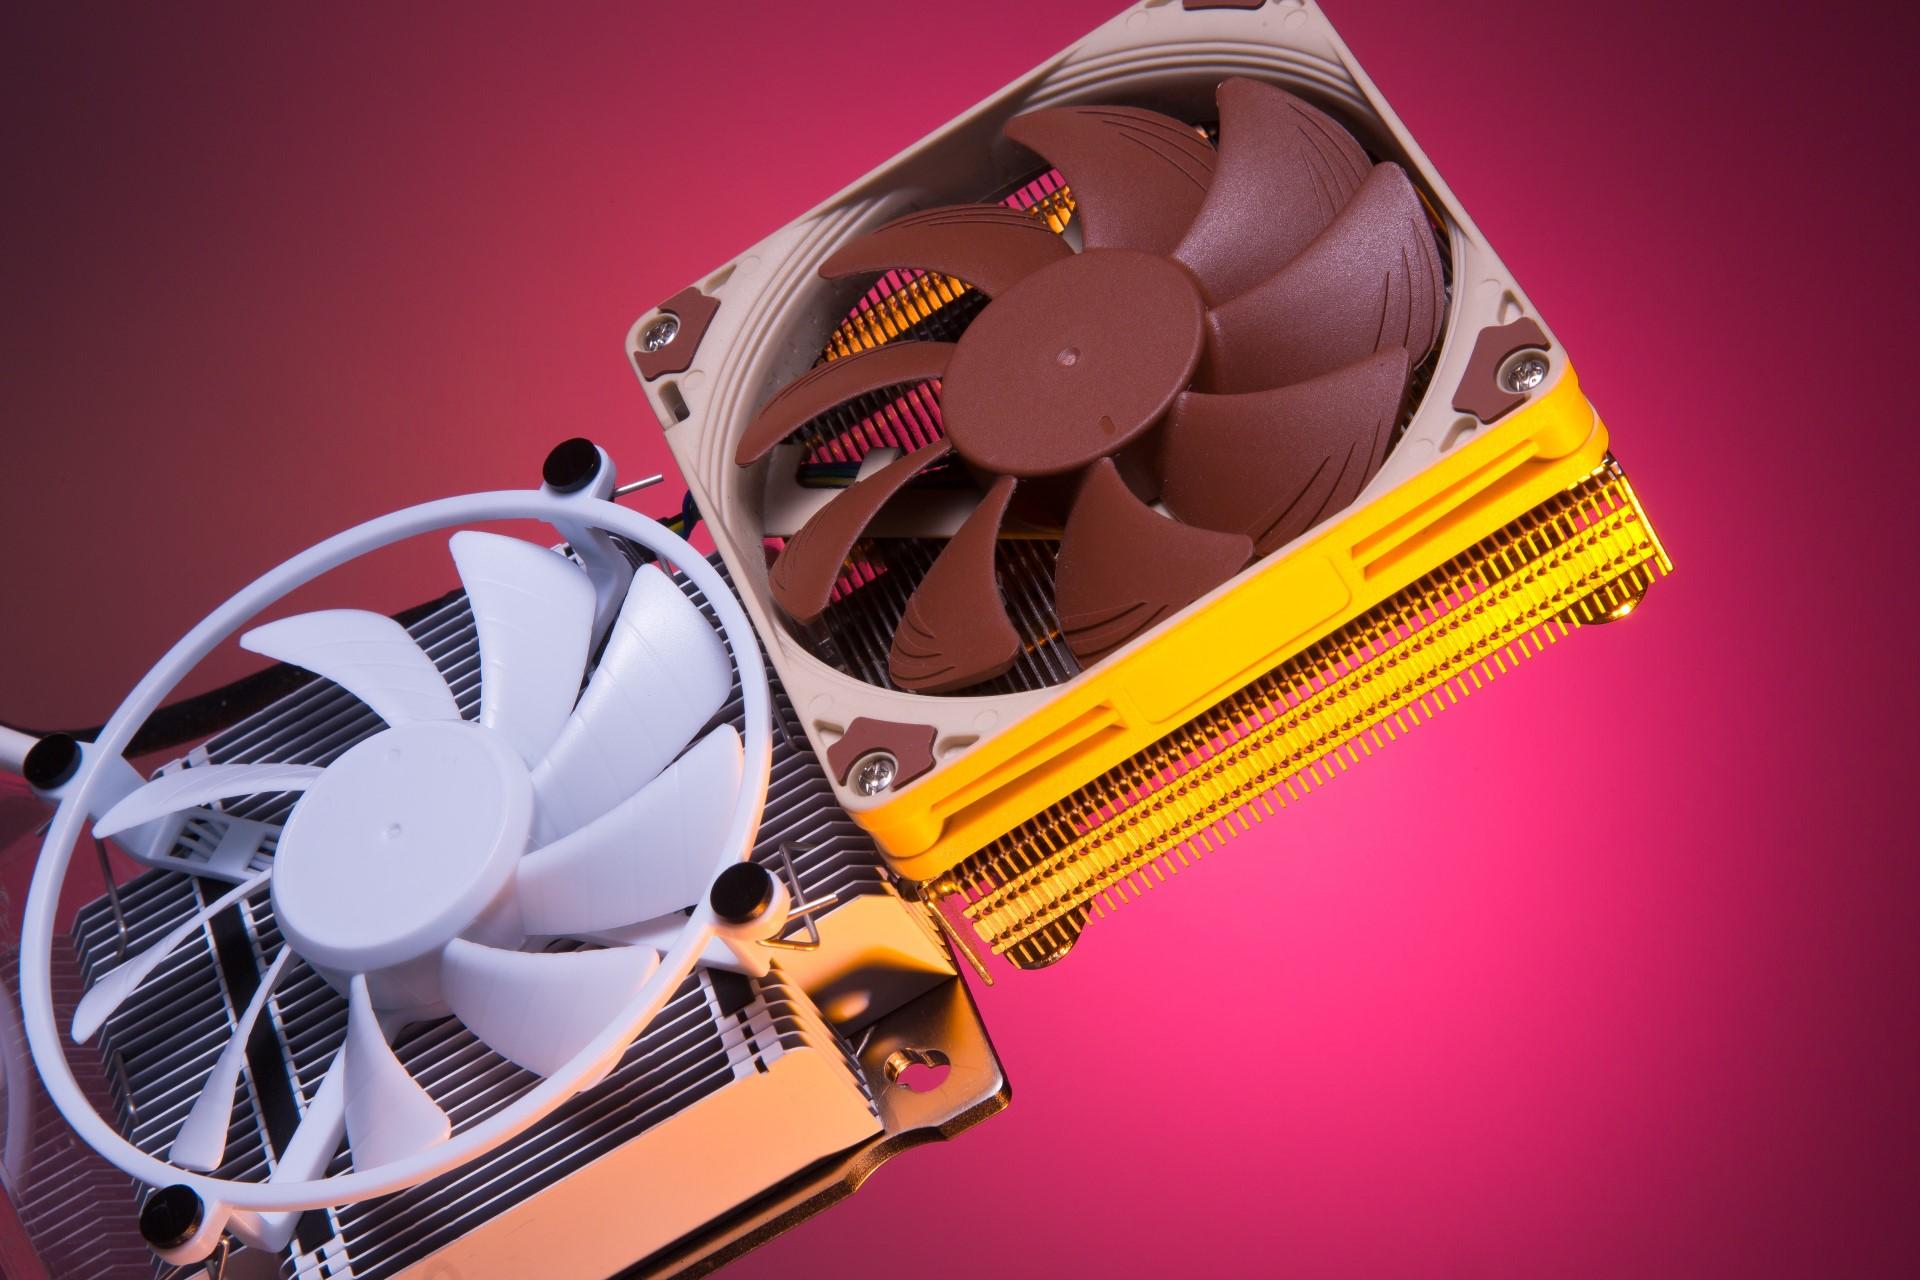 小塔世代,迷你CPU散熱器:搭配Mini-ITX機殼,小塔要巧也要涼